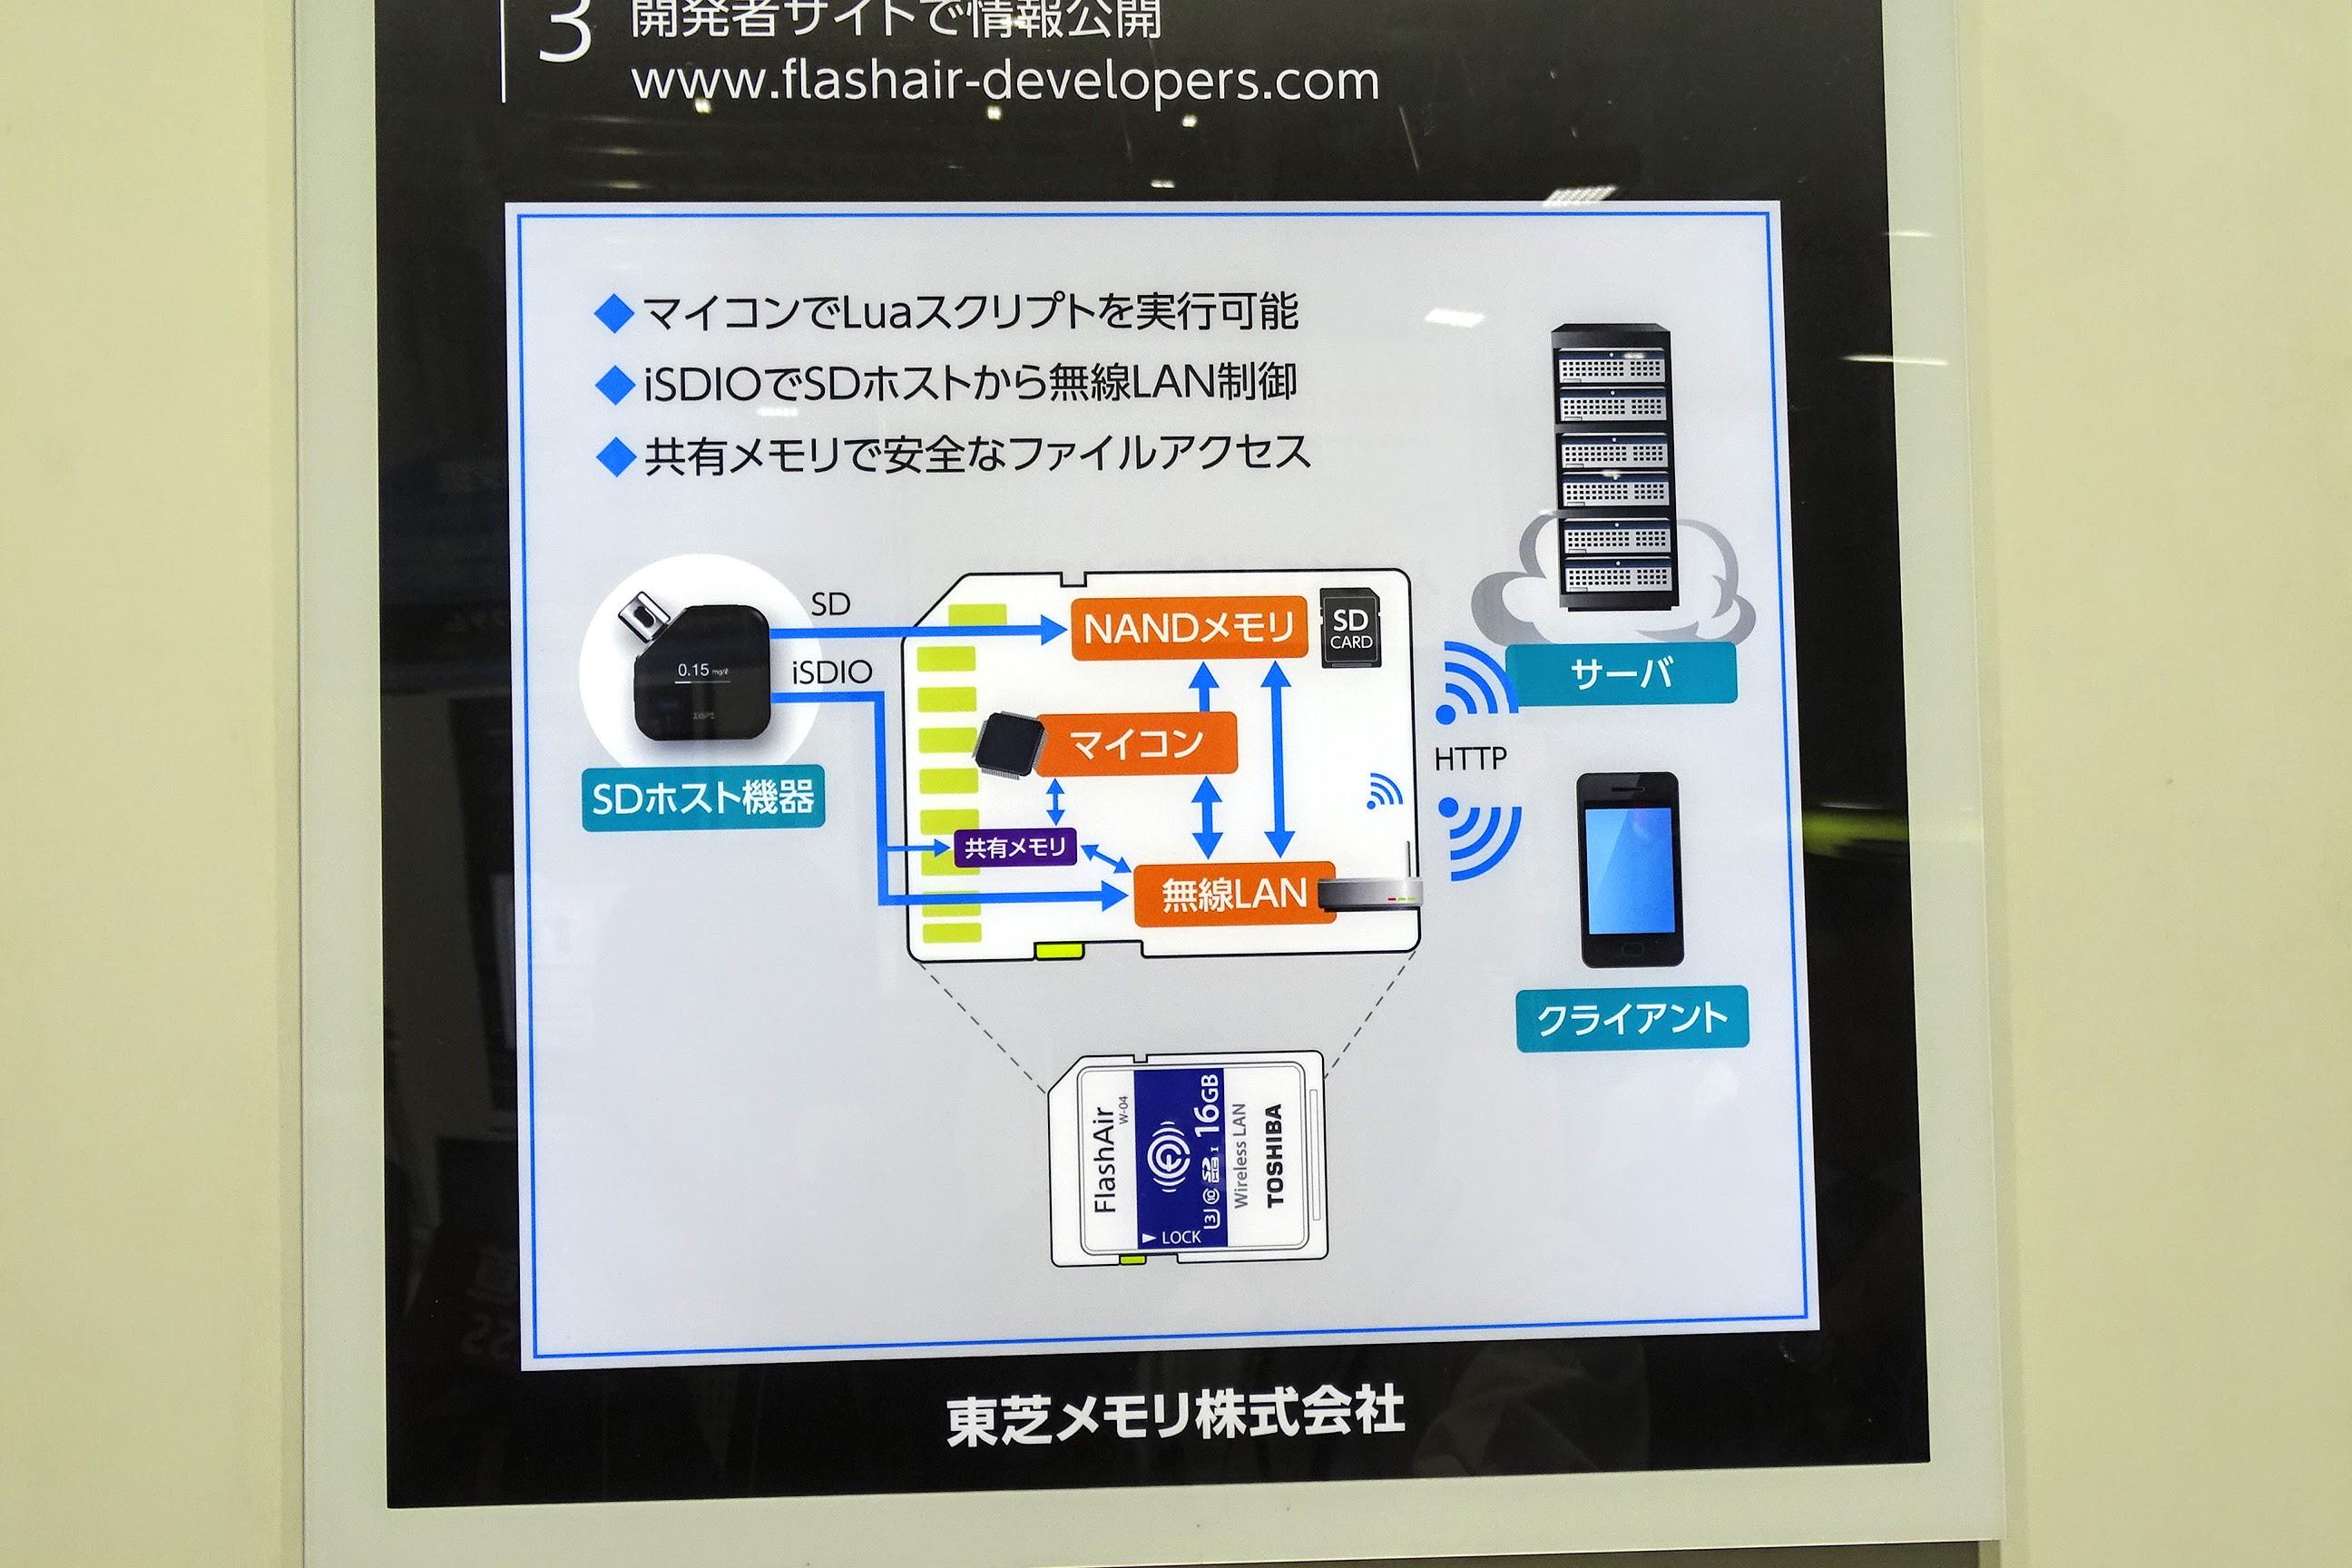 東芝 IoT/M2M展